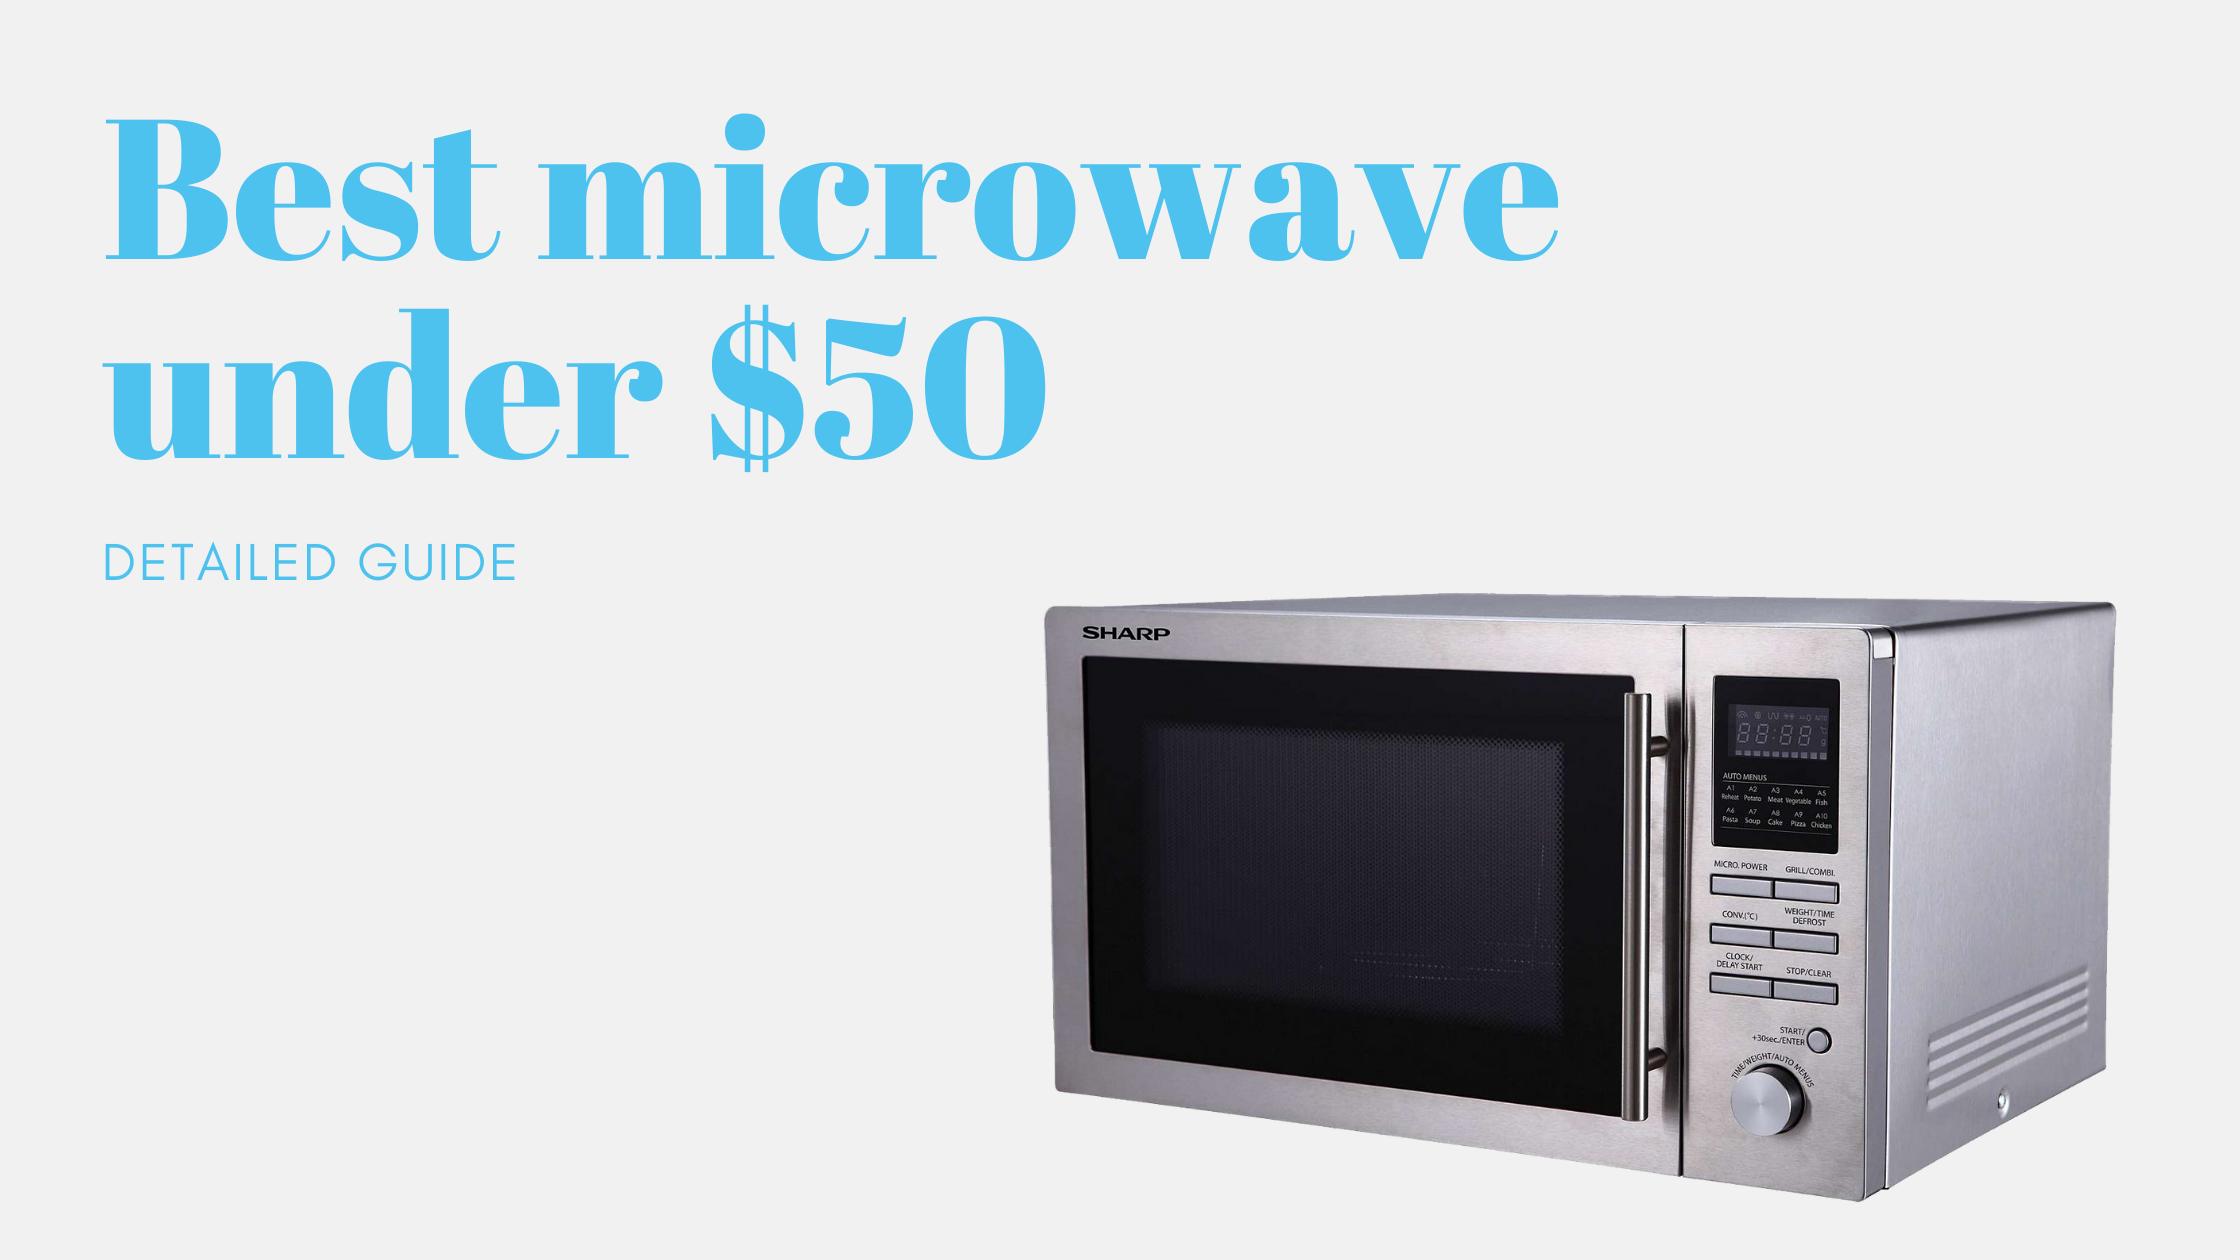 10 Best microwave under $50